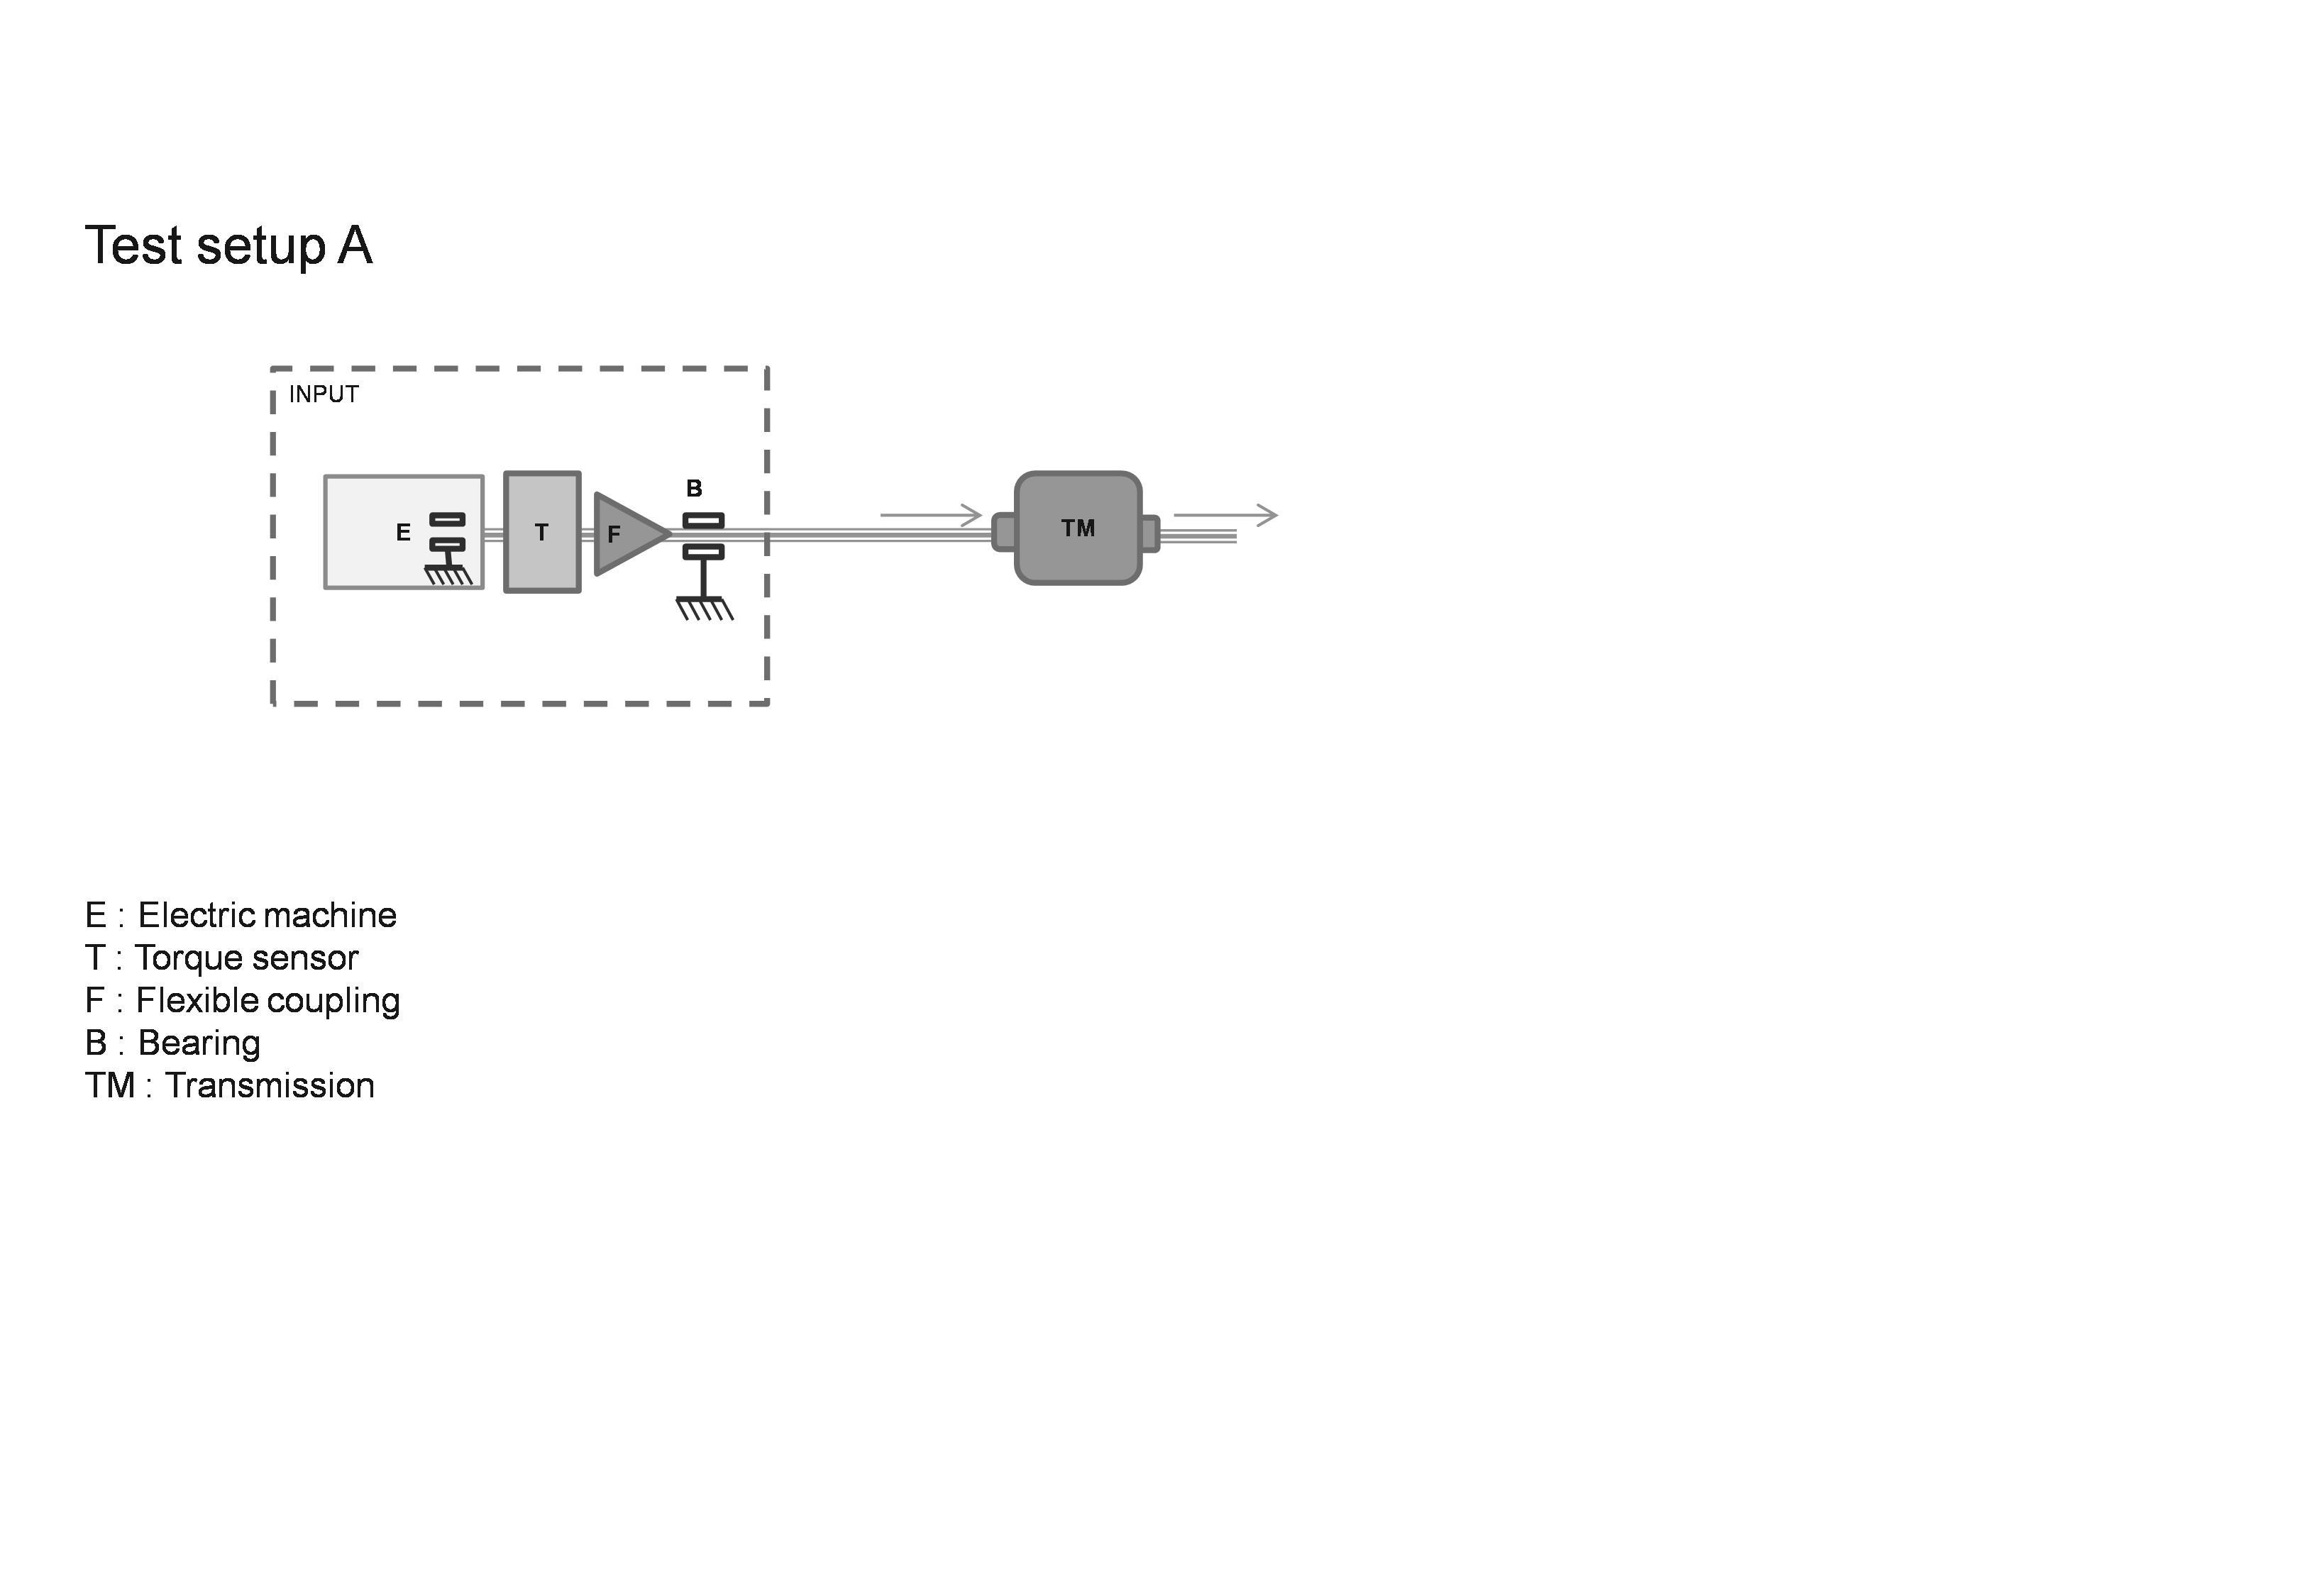 Eur Lex Ares20171900557 En Twin City Fan Wiring Diagram Figure 1 Test Setup A For Option